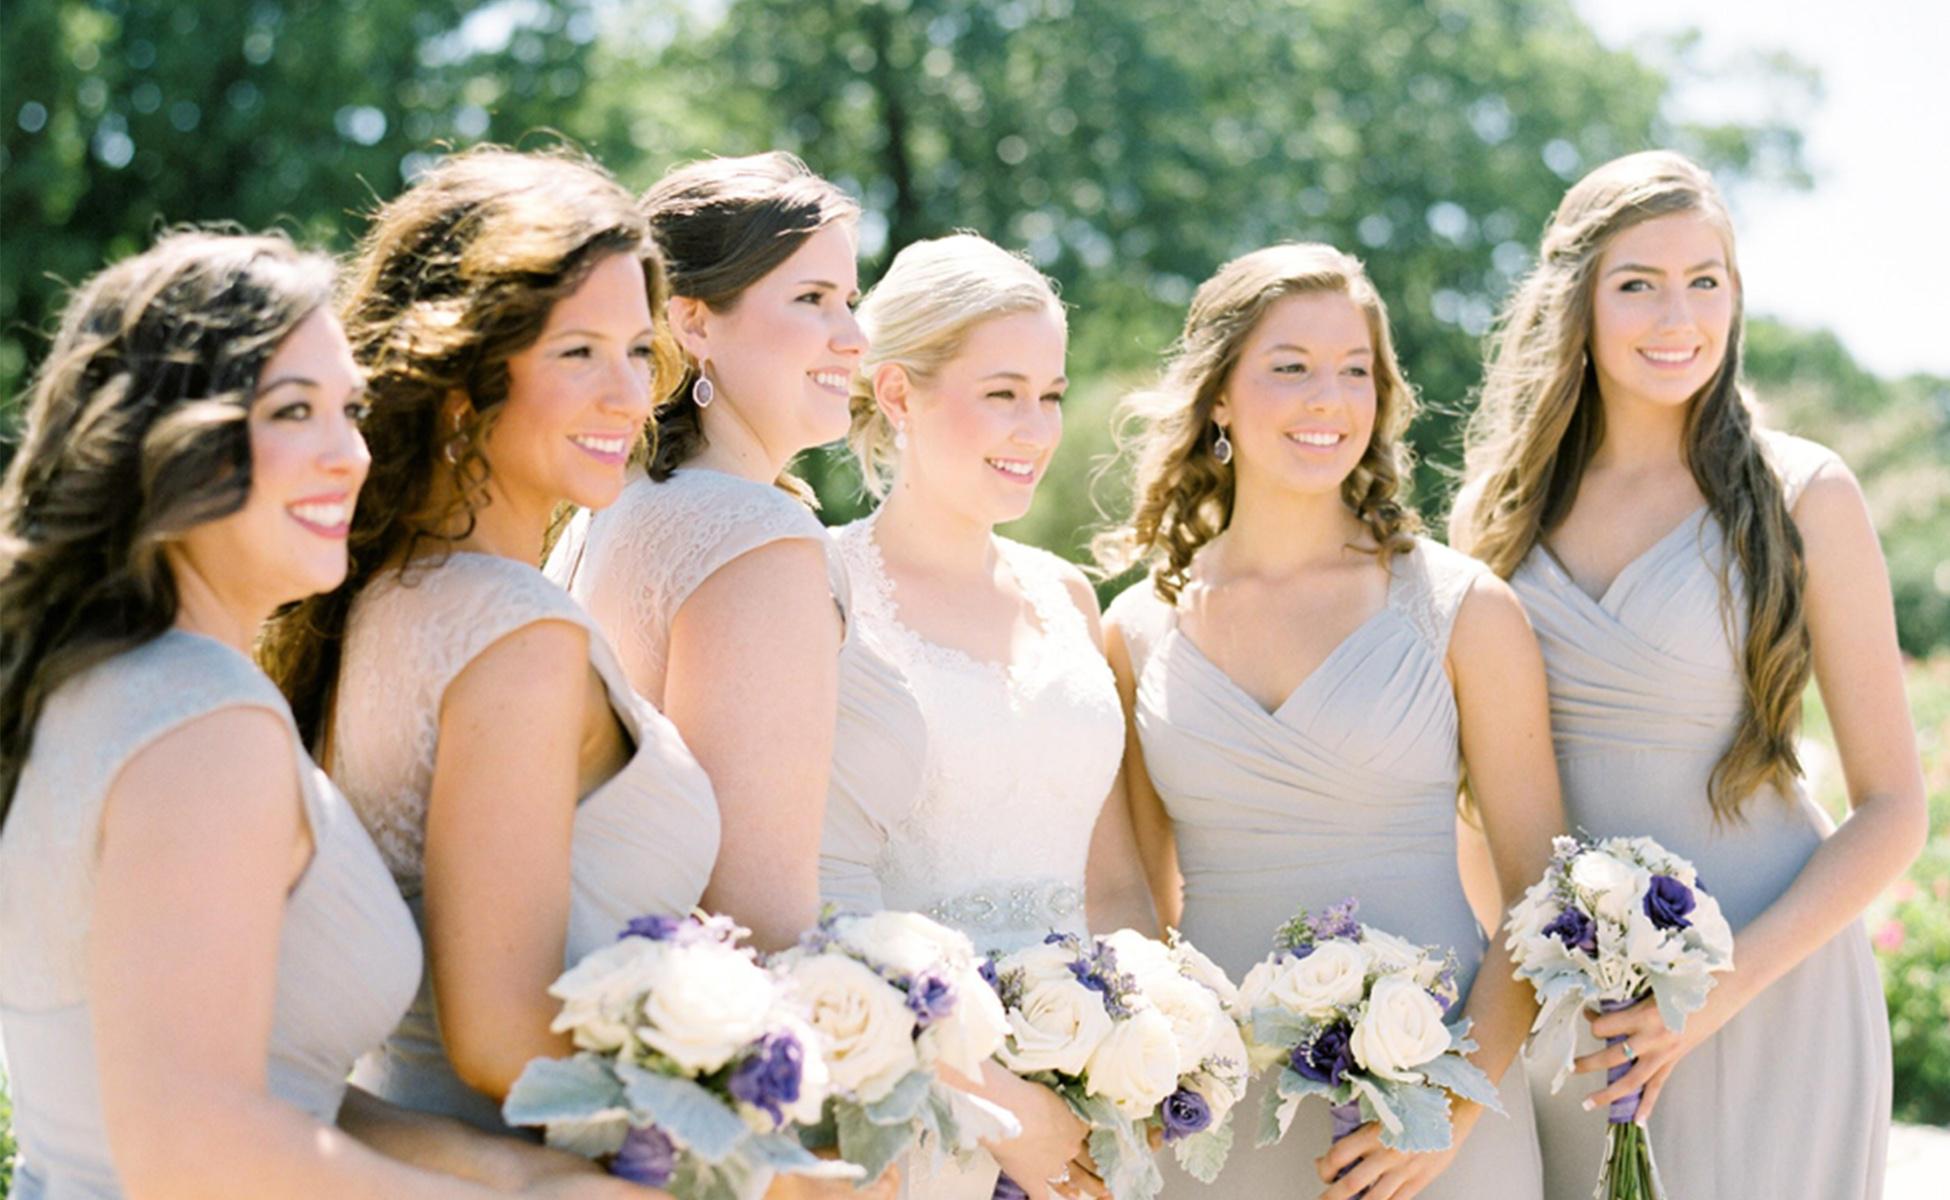 Bridesmaid + Accessories